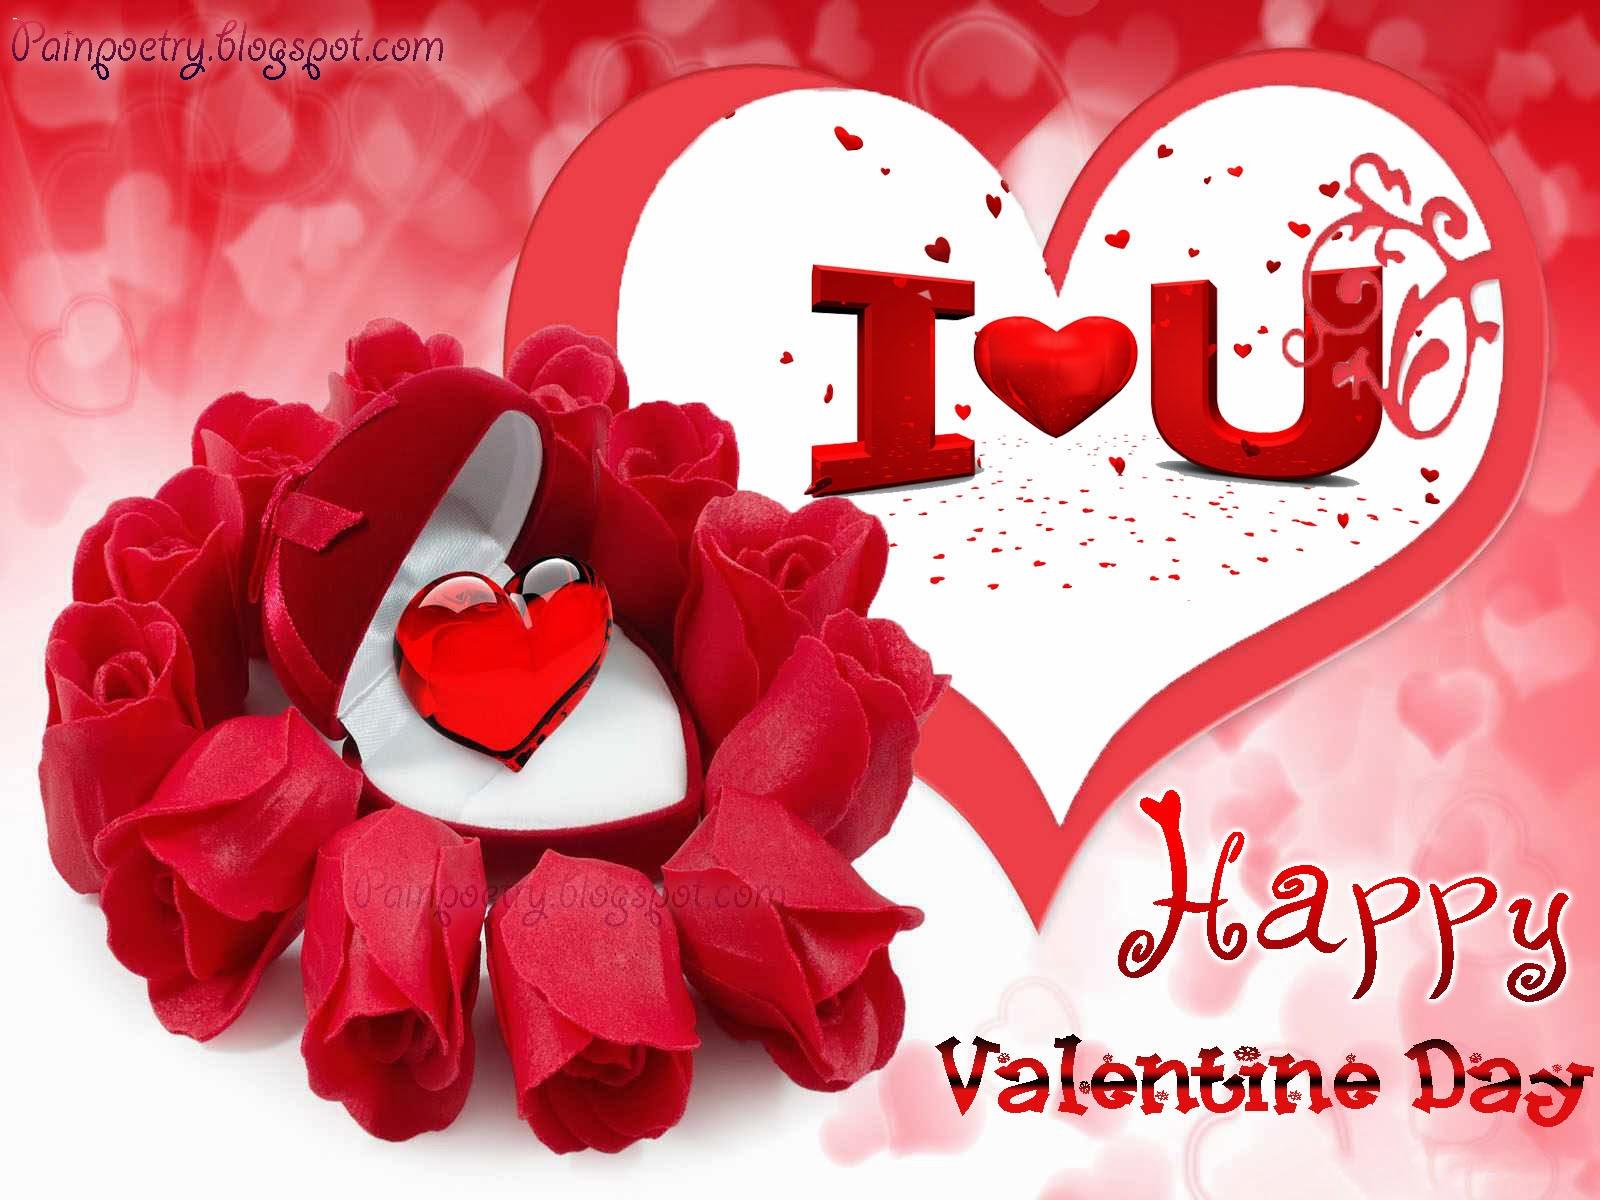 Поздравление днем, красивые открытки ко дню святого валентина на английском